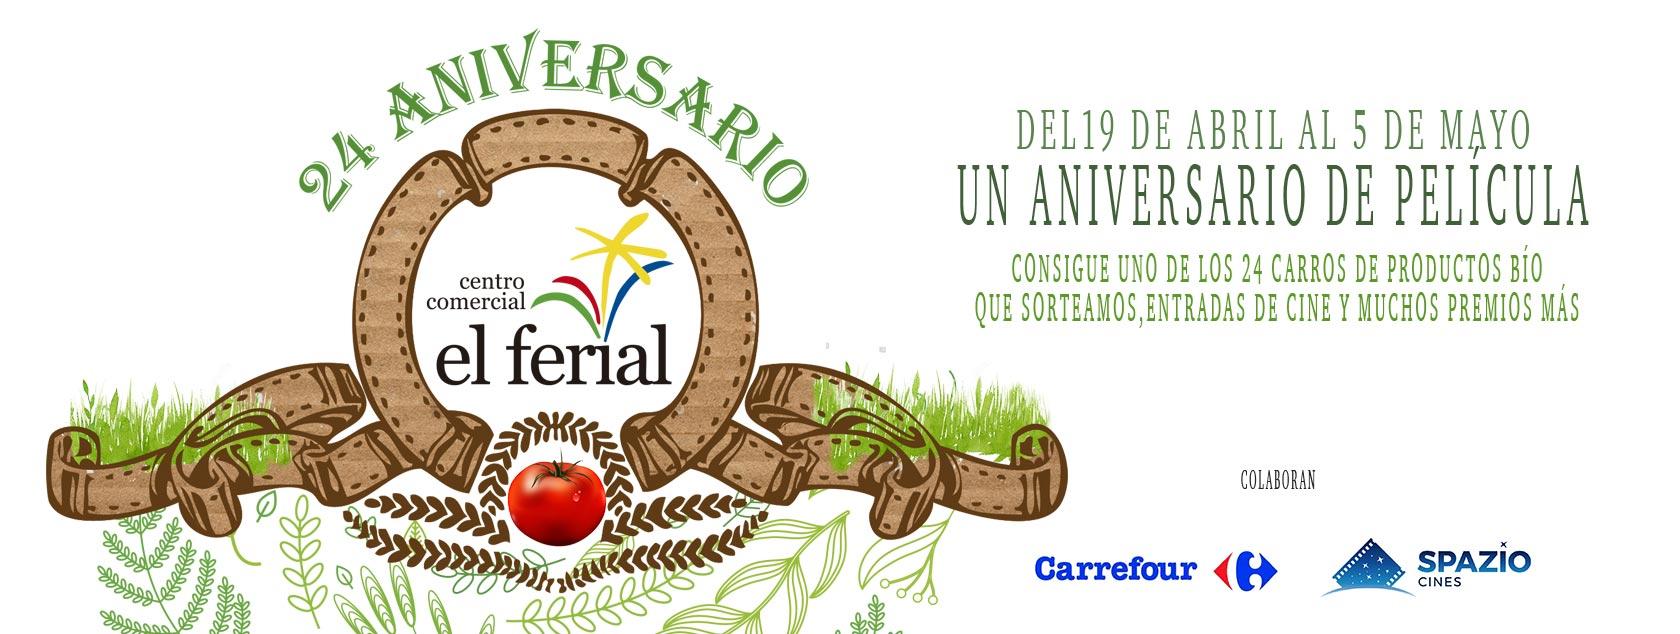 24 Aniversario en el Centro Comercial El Ferial